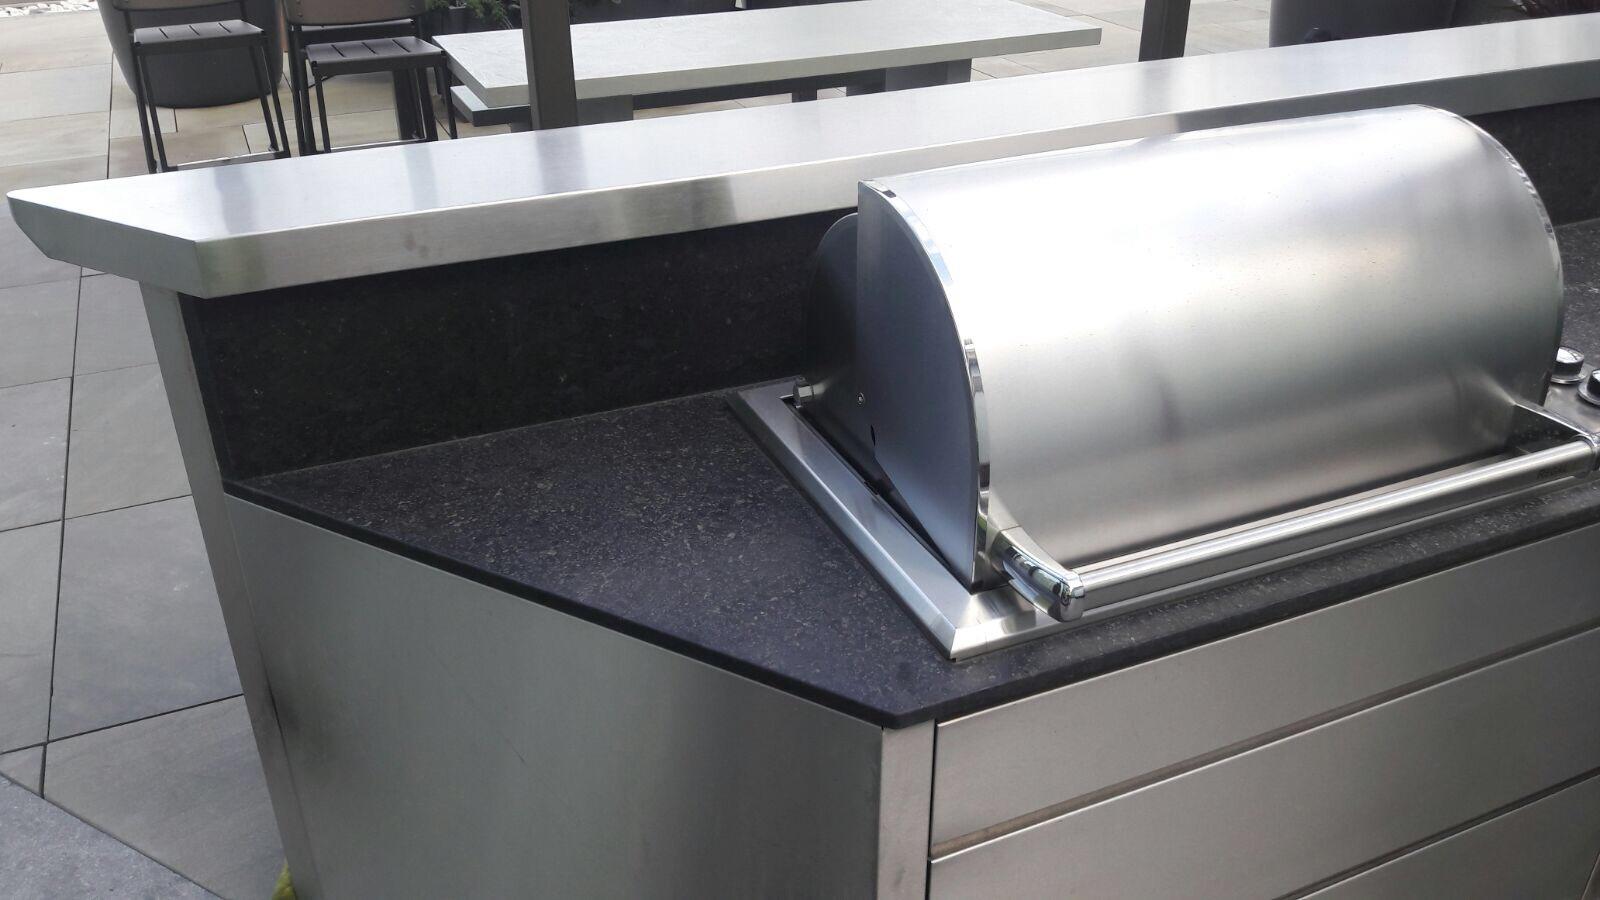 Outdoor kitchen cooker hood- before